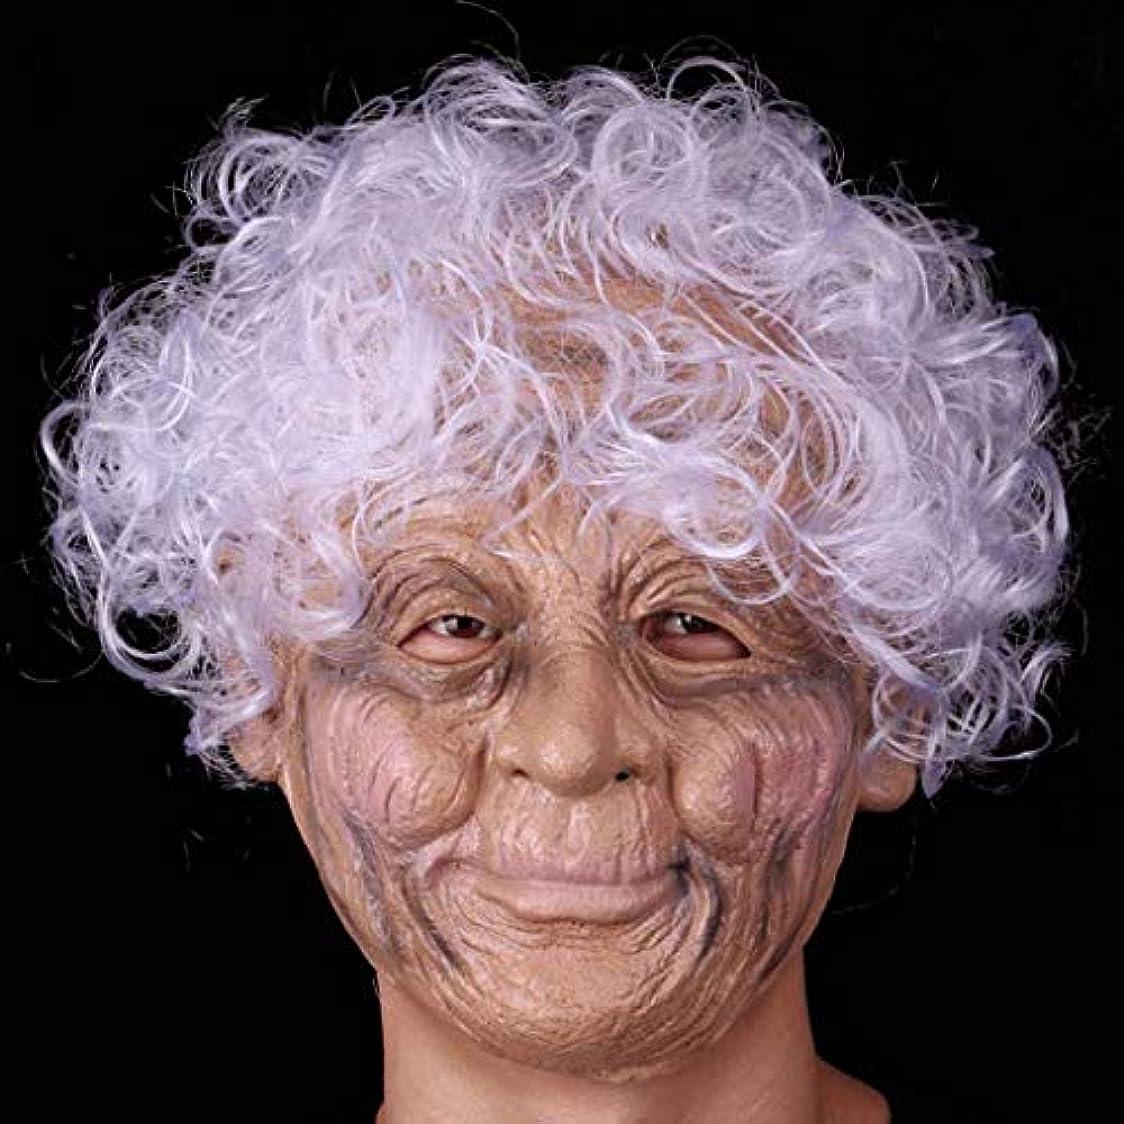 再発する多年生スキーハロウィンラテックスフルフェイスマスクしわ魔女マスクおばあちゃんと白髪衣装プロップパーティーコスプレ